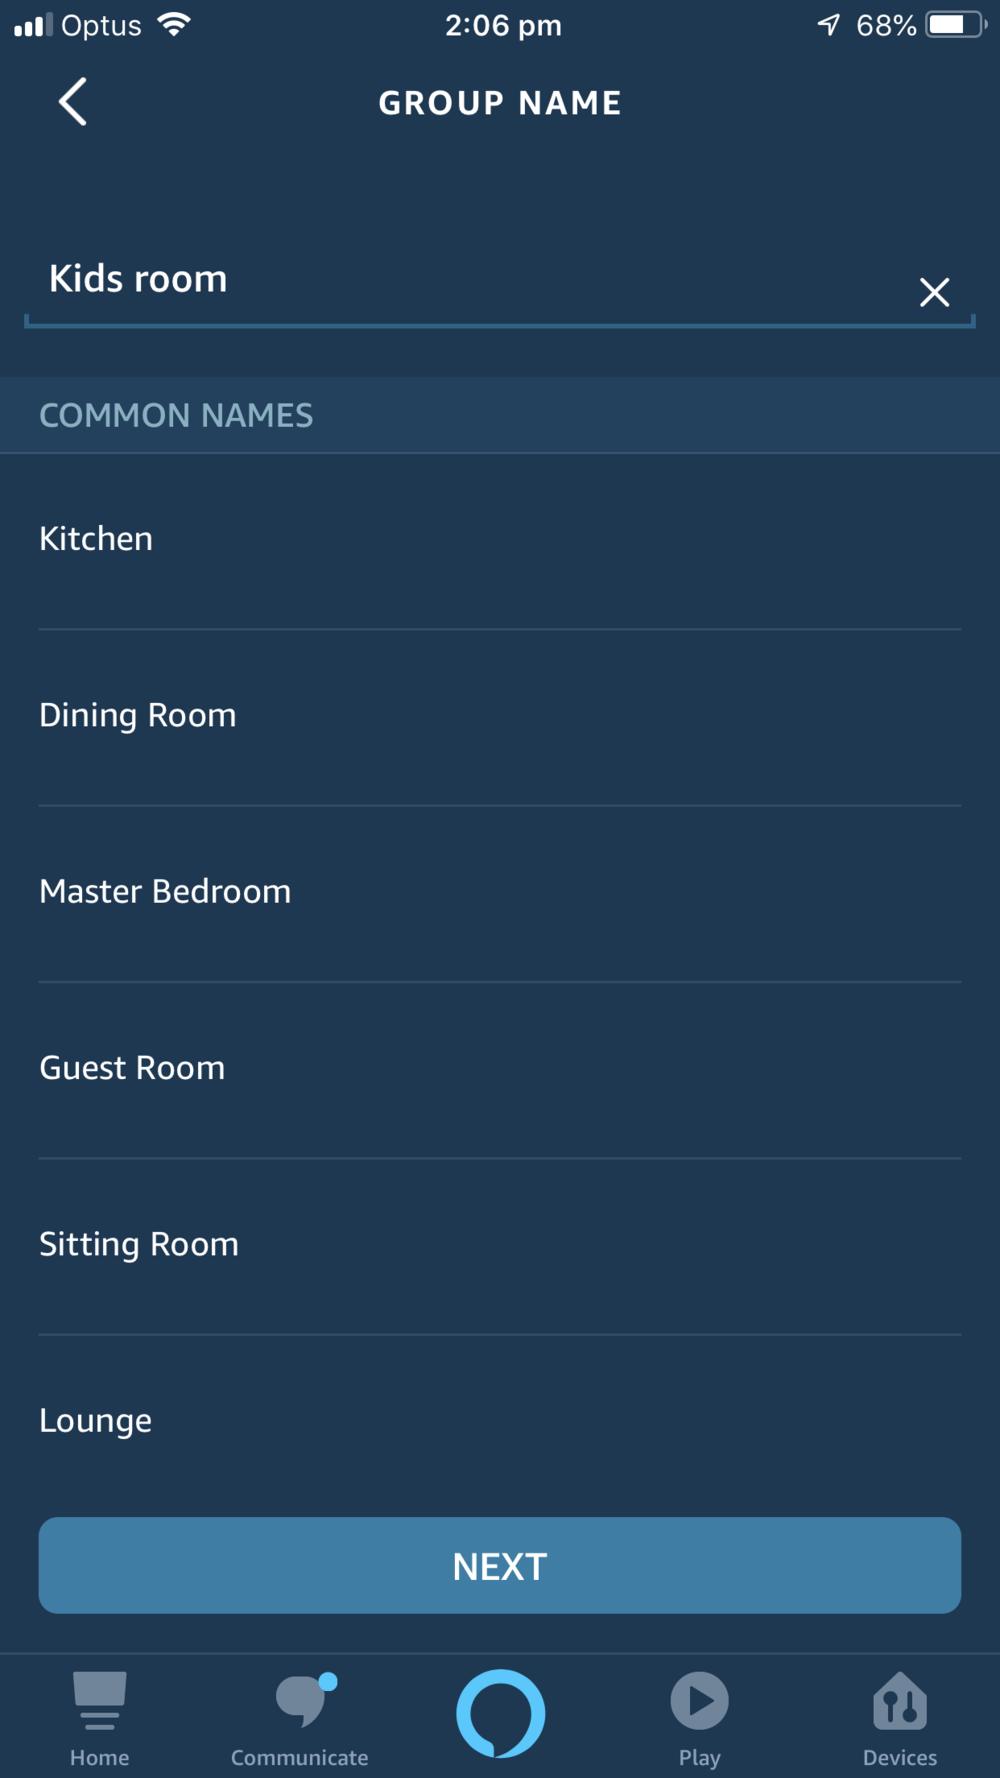 Group Naming